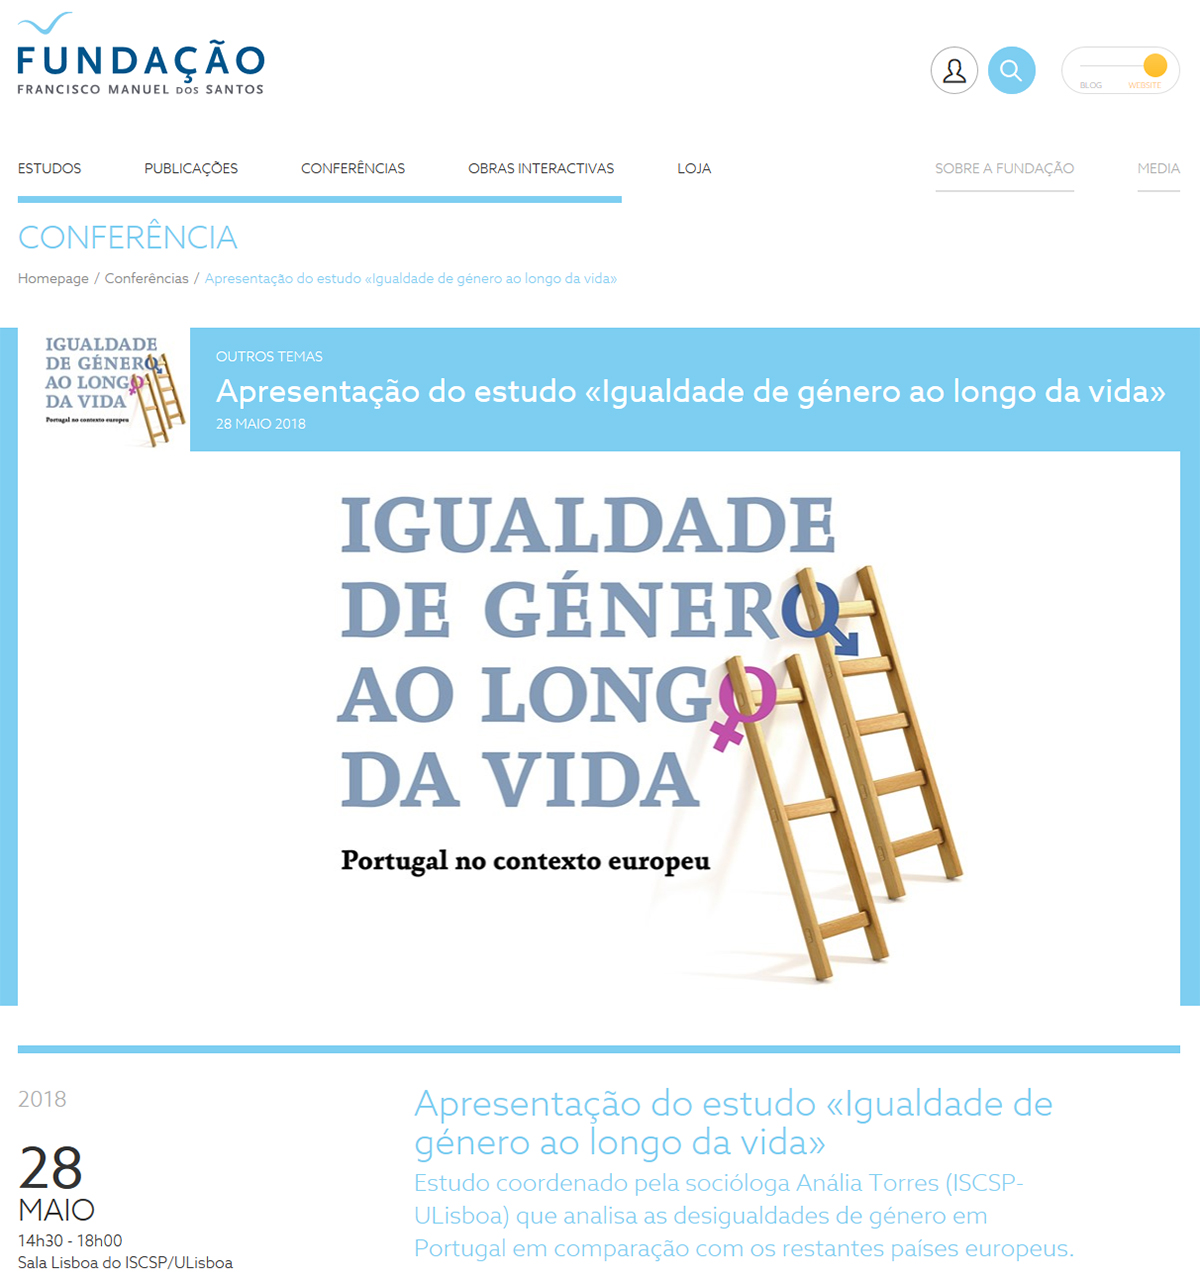 Fundação Francisco Manuel dos Santos - Apresentação do estudo «Igualdade de género ao longo da vida»